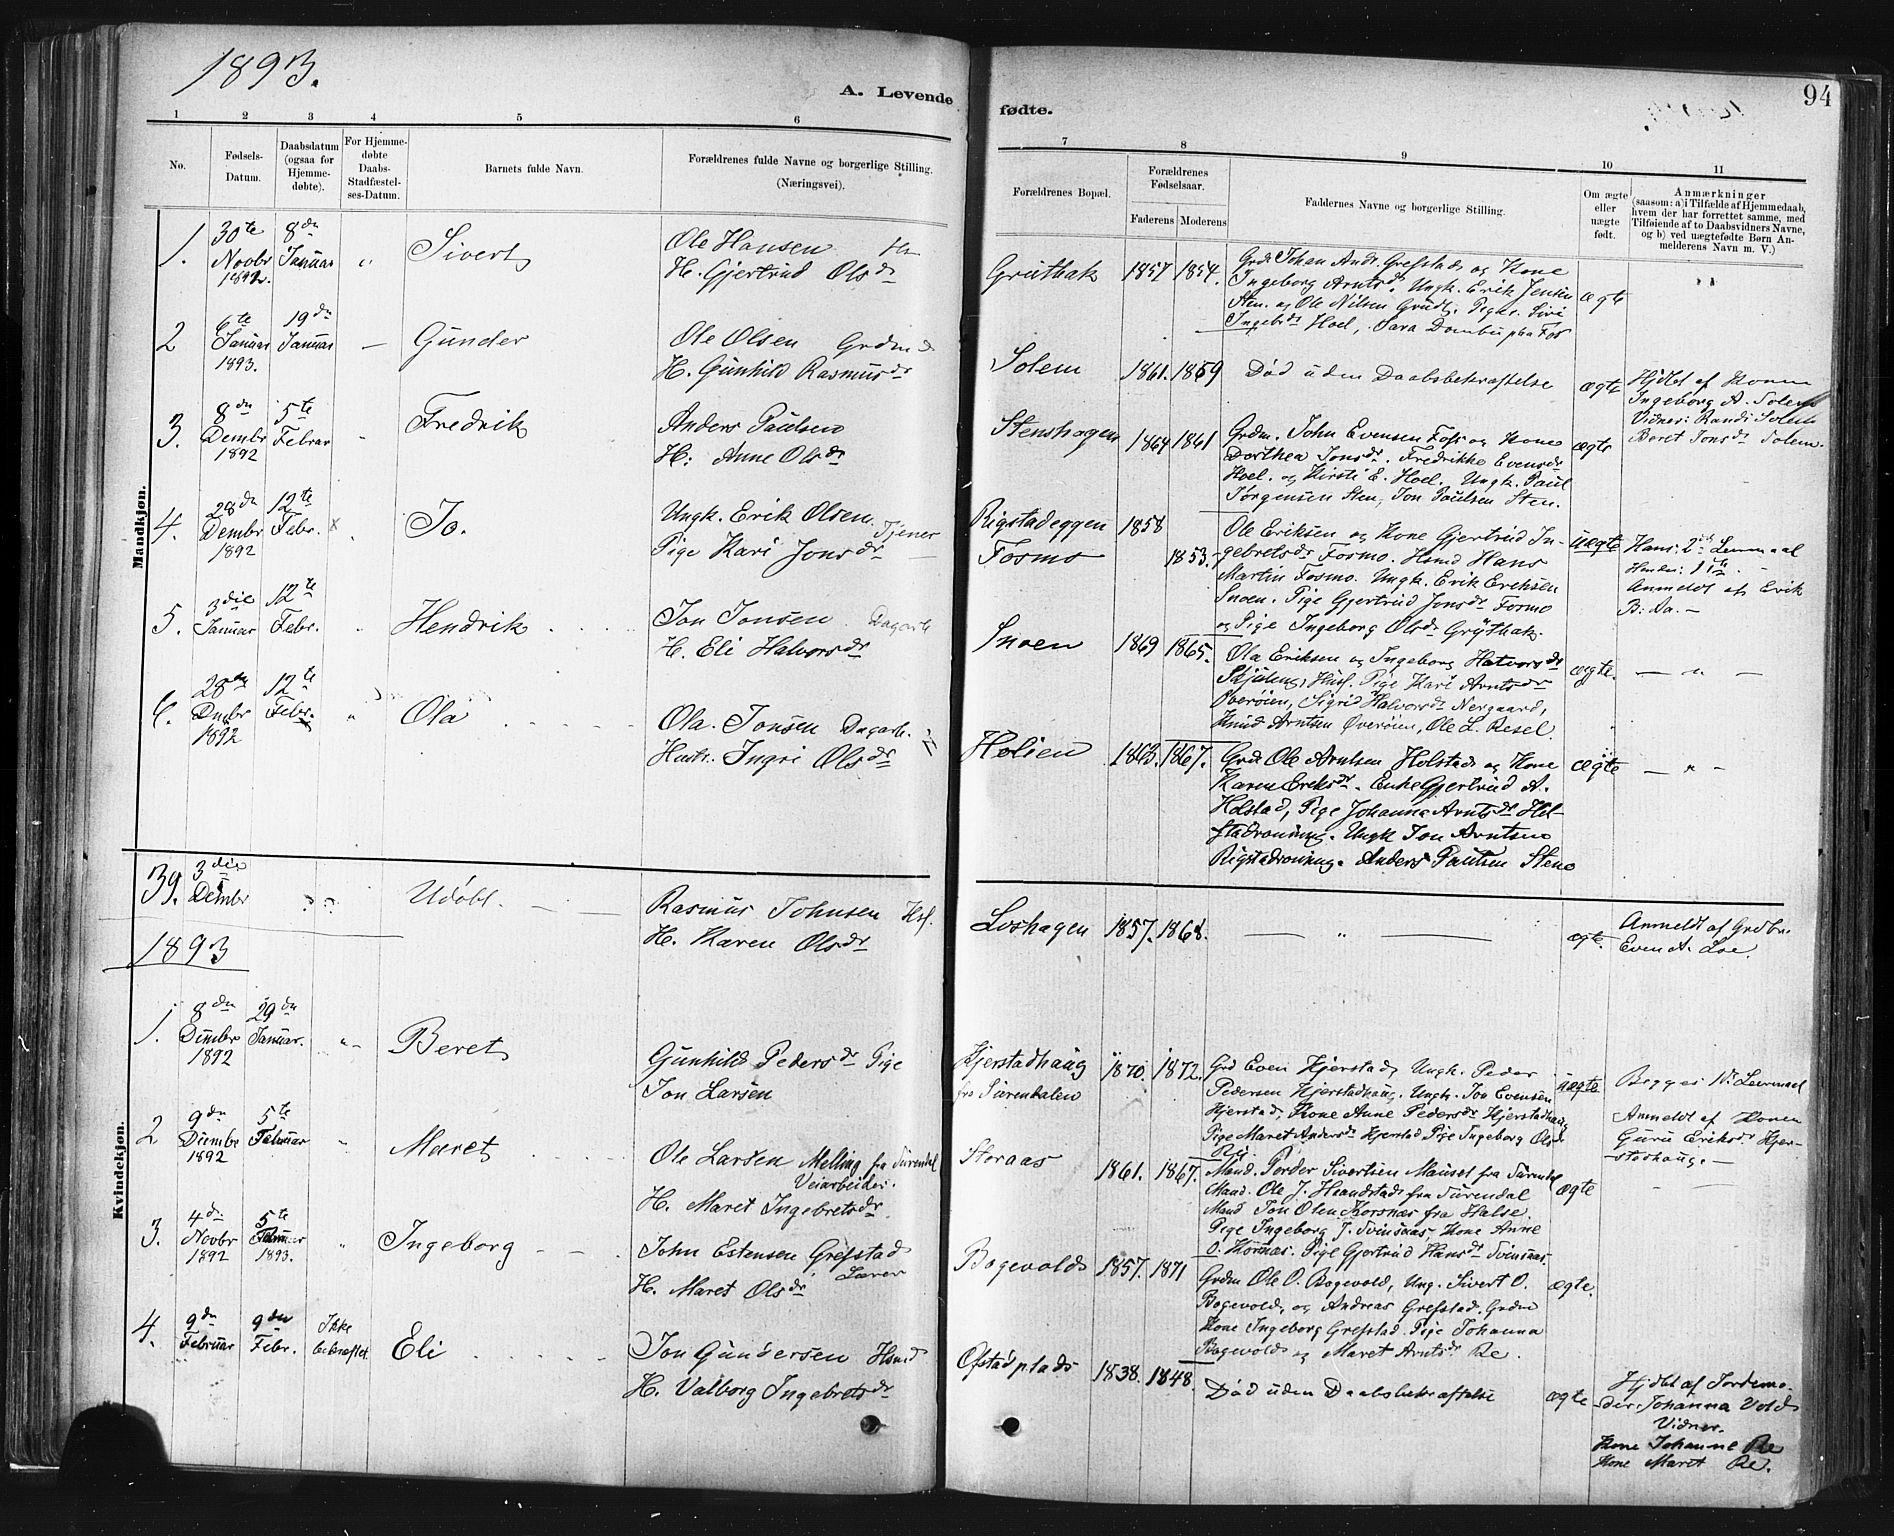 SAT, Ministerialprotokoller, klokkerbøker og fødselsregistre - Sør-Trøndelag, 672/L0857: Ministerialbok nr. 672A09, 1882-1893, s. 94